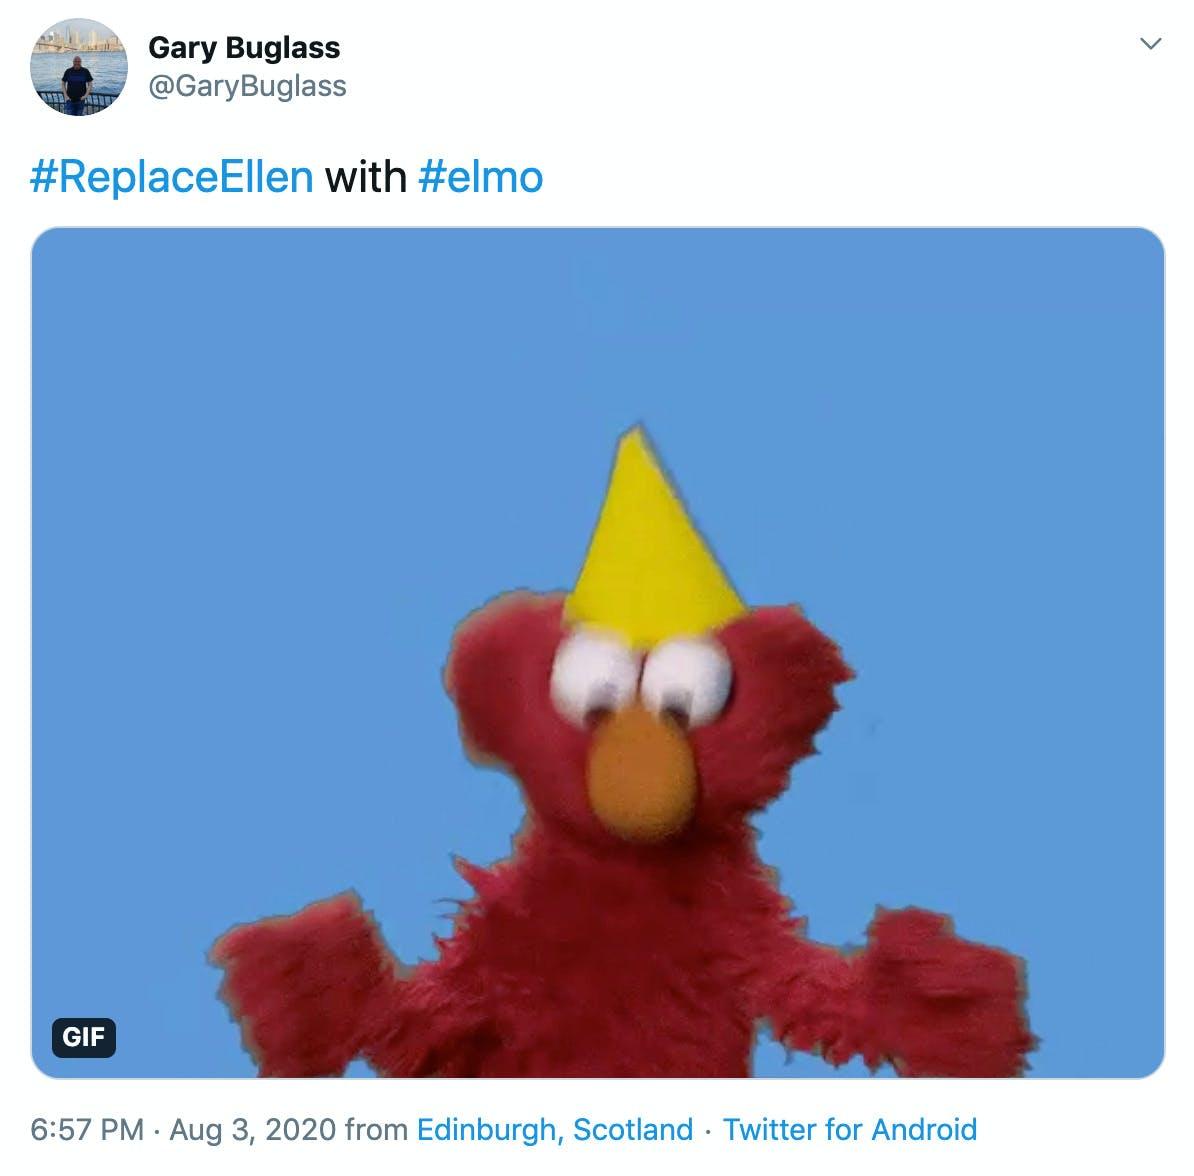 """""""#ReplaceEllen with #elmo"""" image of Elmo dancing"""